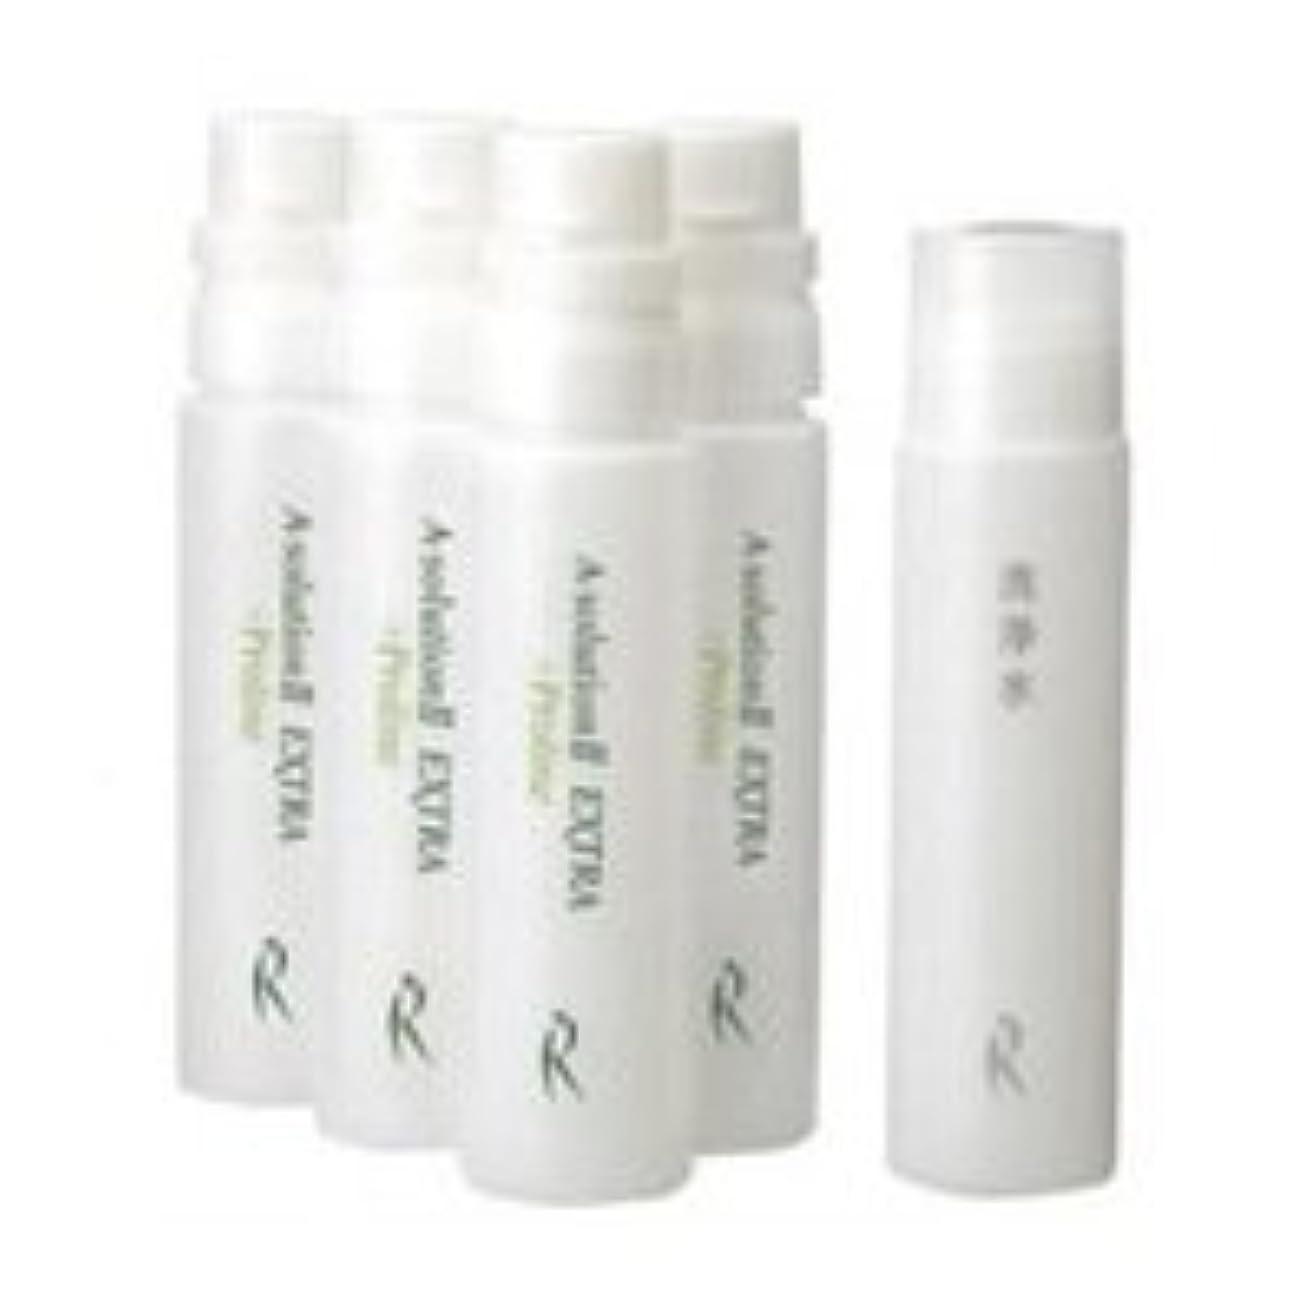 する必要がある南東竜巻A-ソリューション エクストラ+プロリン / REVENIR  レブニール プラチナアクイシモ専用美容液